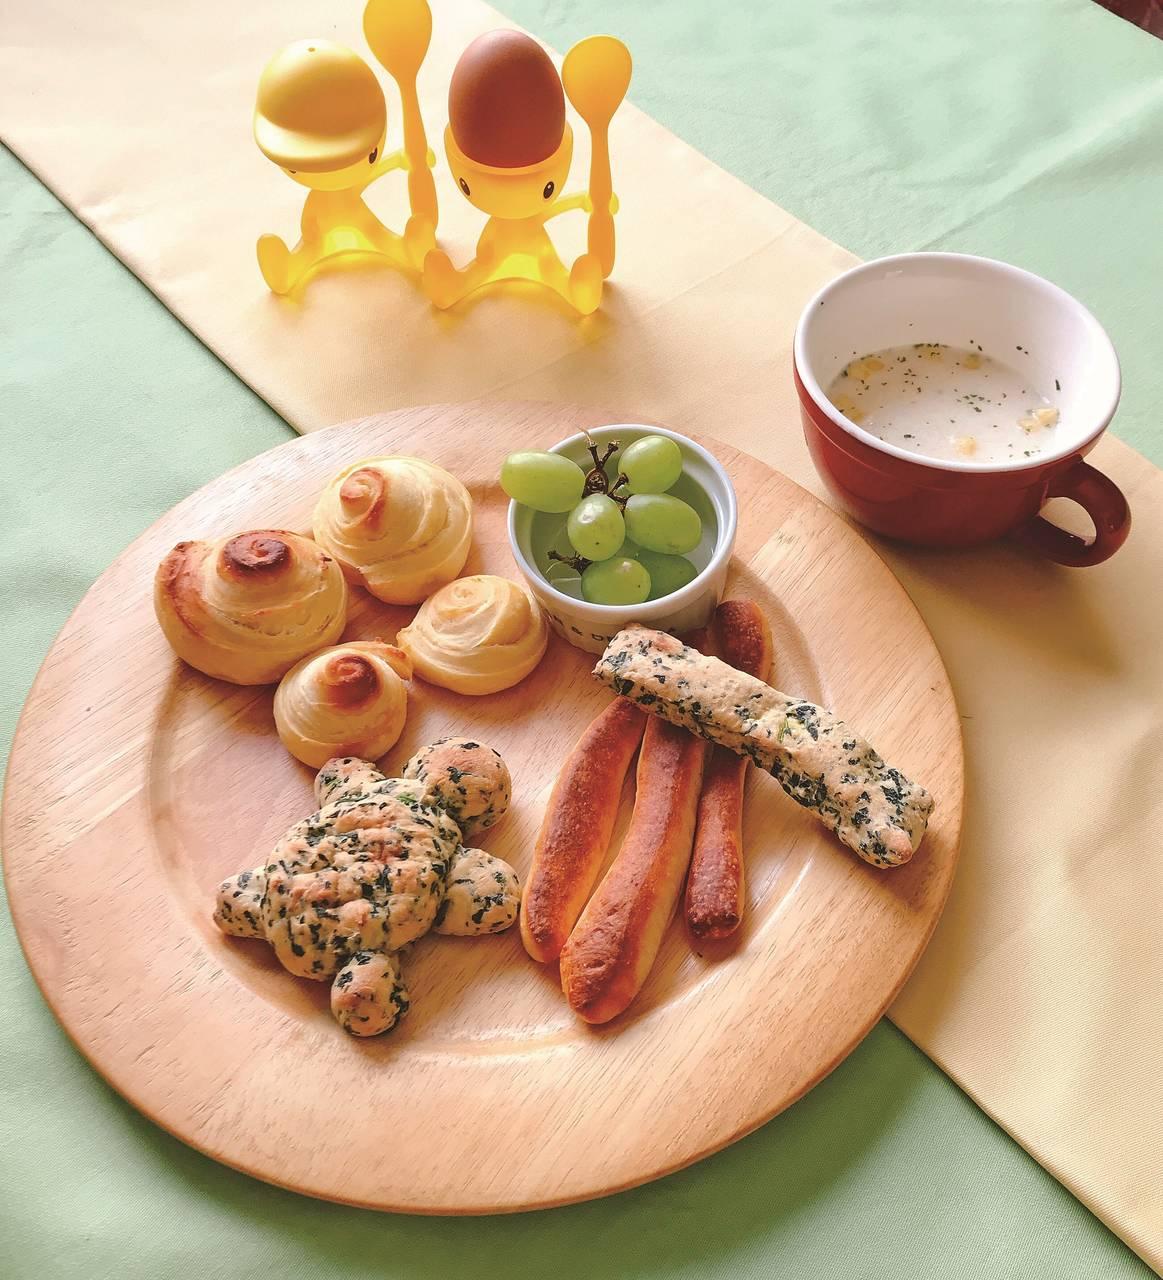 お手軽簡単レシピ|栄養たっぷりスティックパン \トースターで10分♪ / 野菜が嫌いでも子どもと一緒に作って、おやつのように食べてもらえる